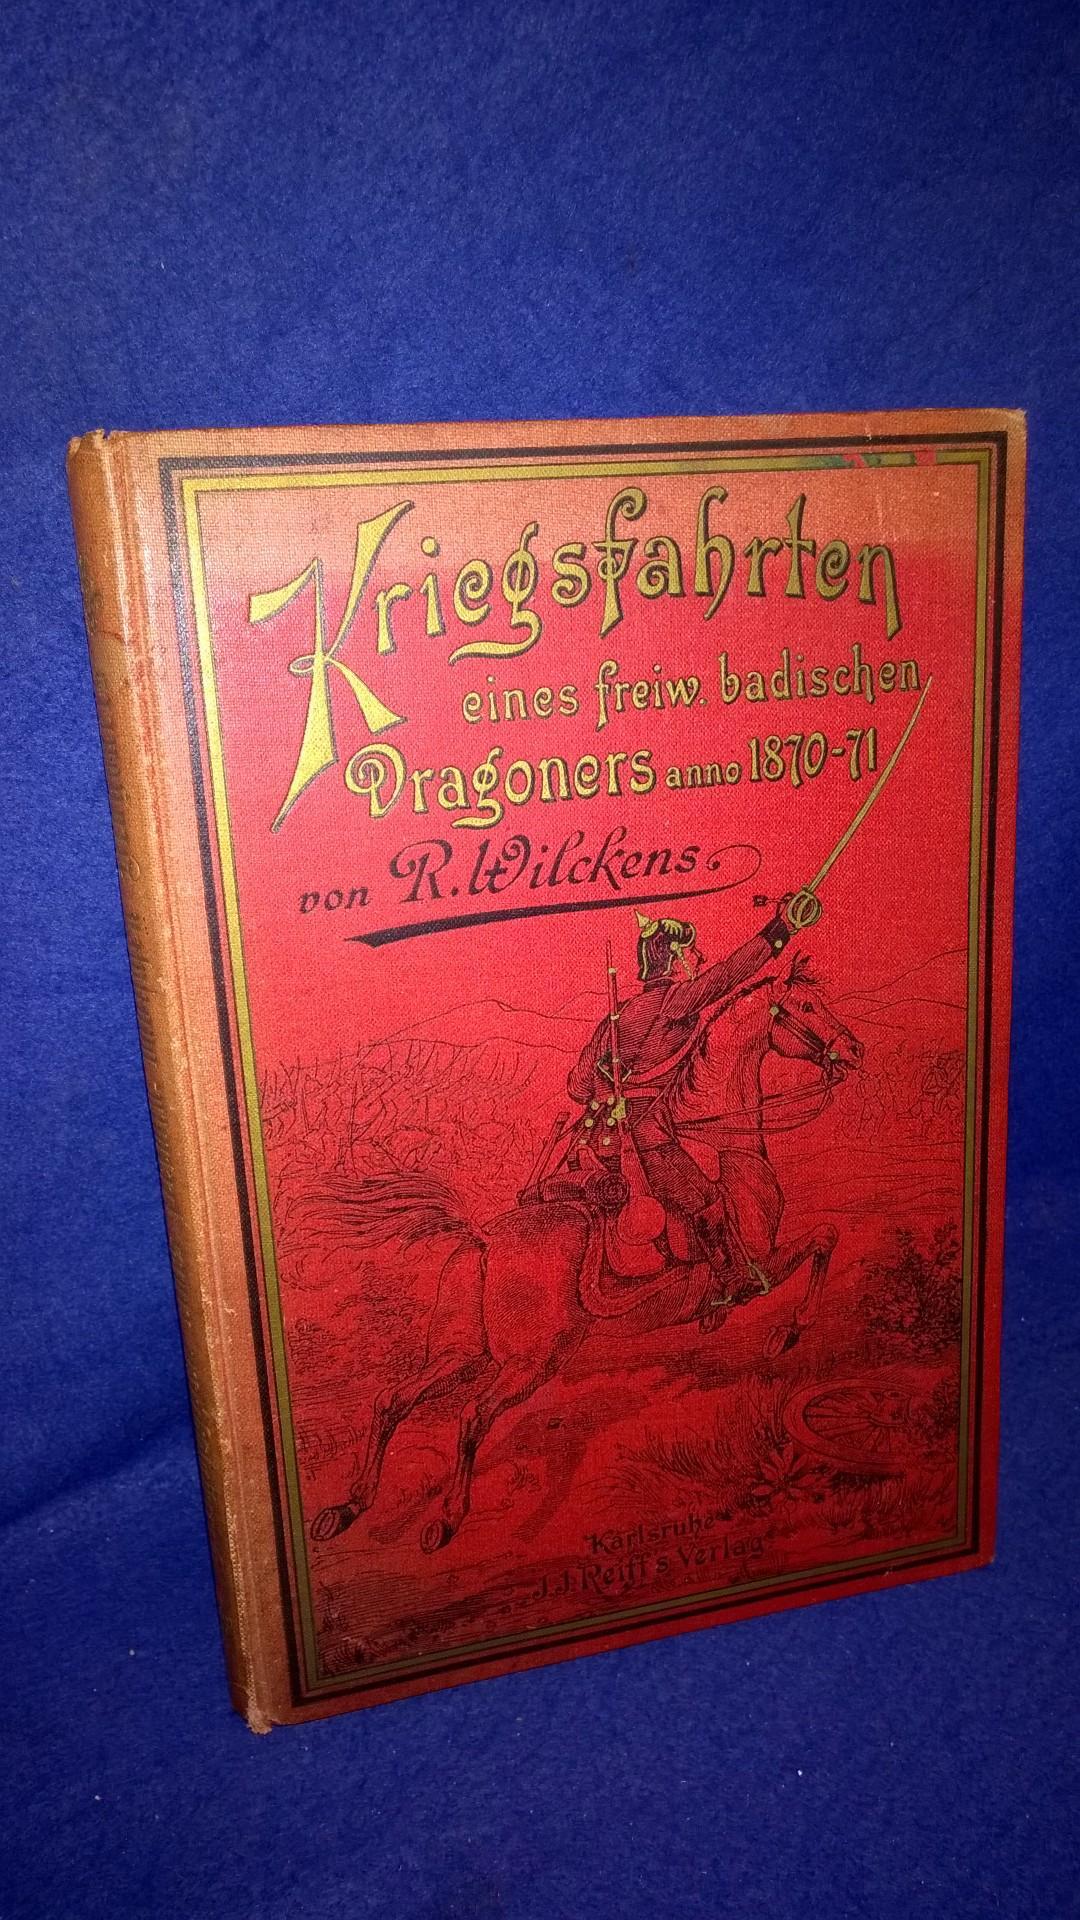 Badener im Feldzug 1870/71. Persönliche Erlebnisse und Erinnerungen. Band 2: Kriegsfahrten eines freiwilligen badischen Dragoners anno 1870/71.